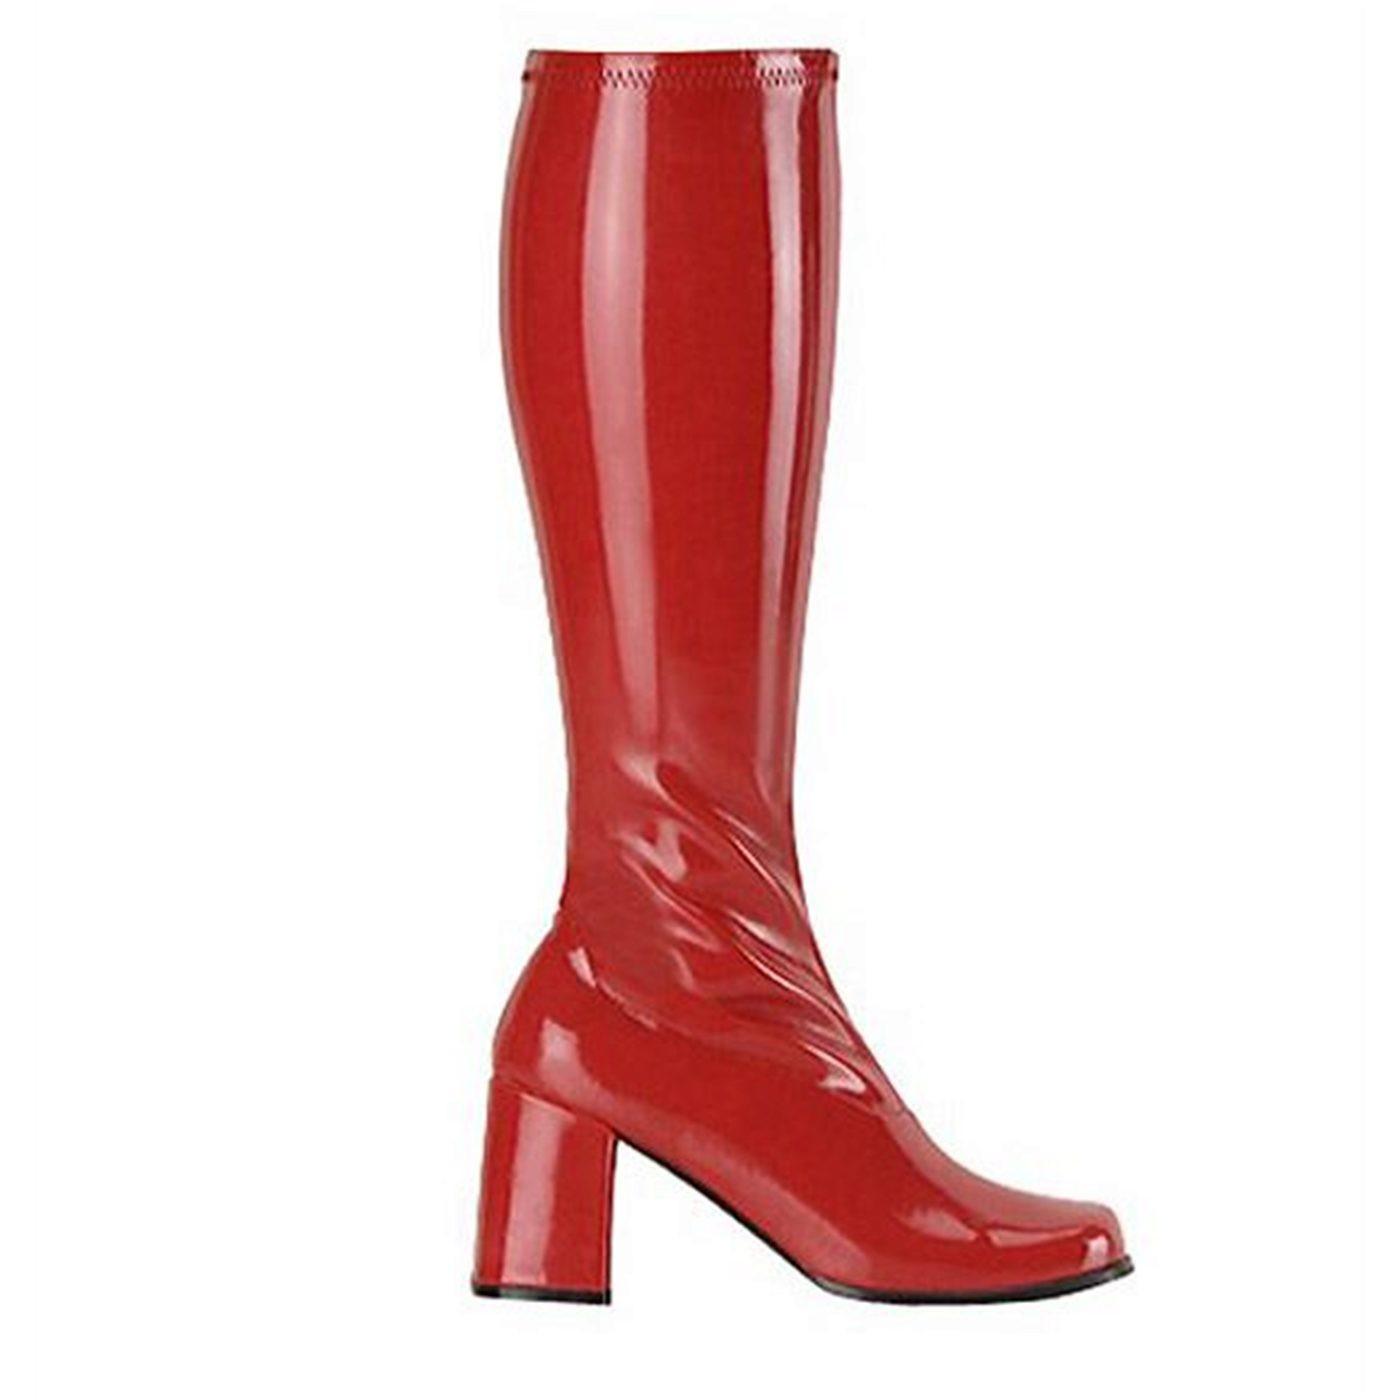 Hero Red GO GO Boots 3 Inch Heel